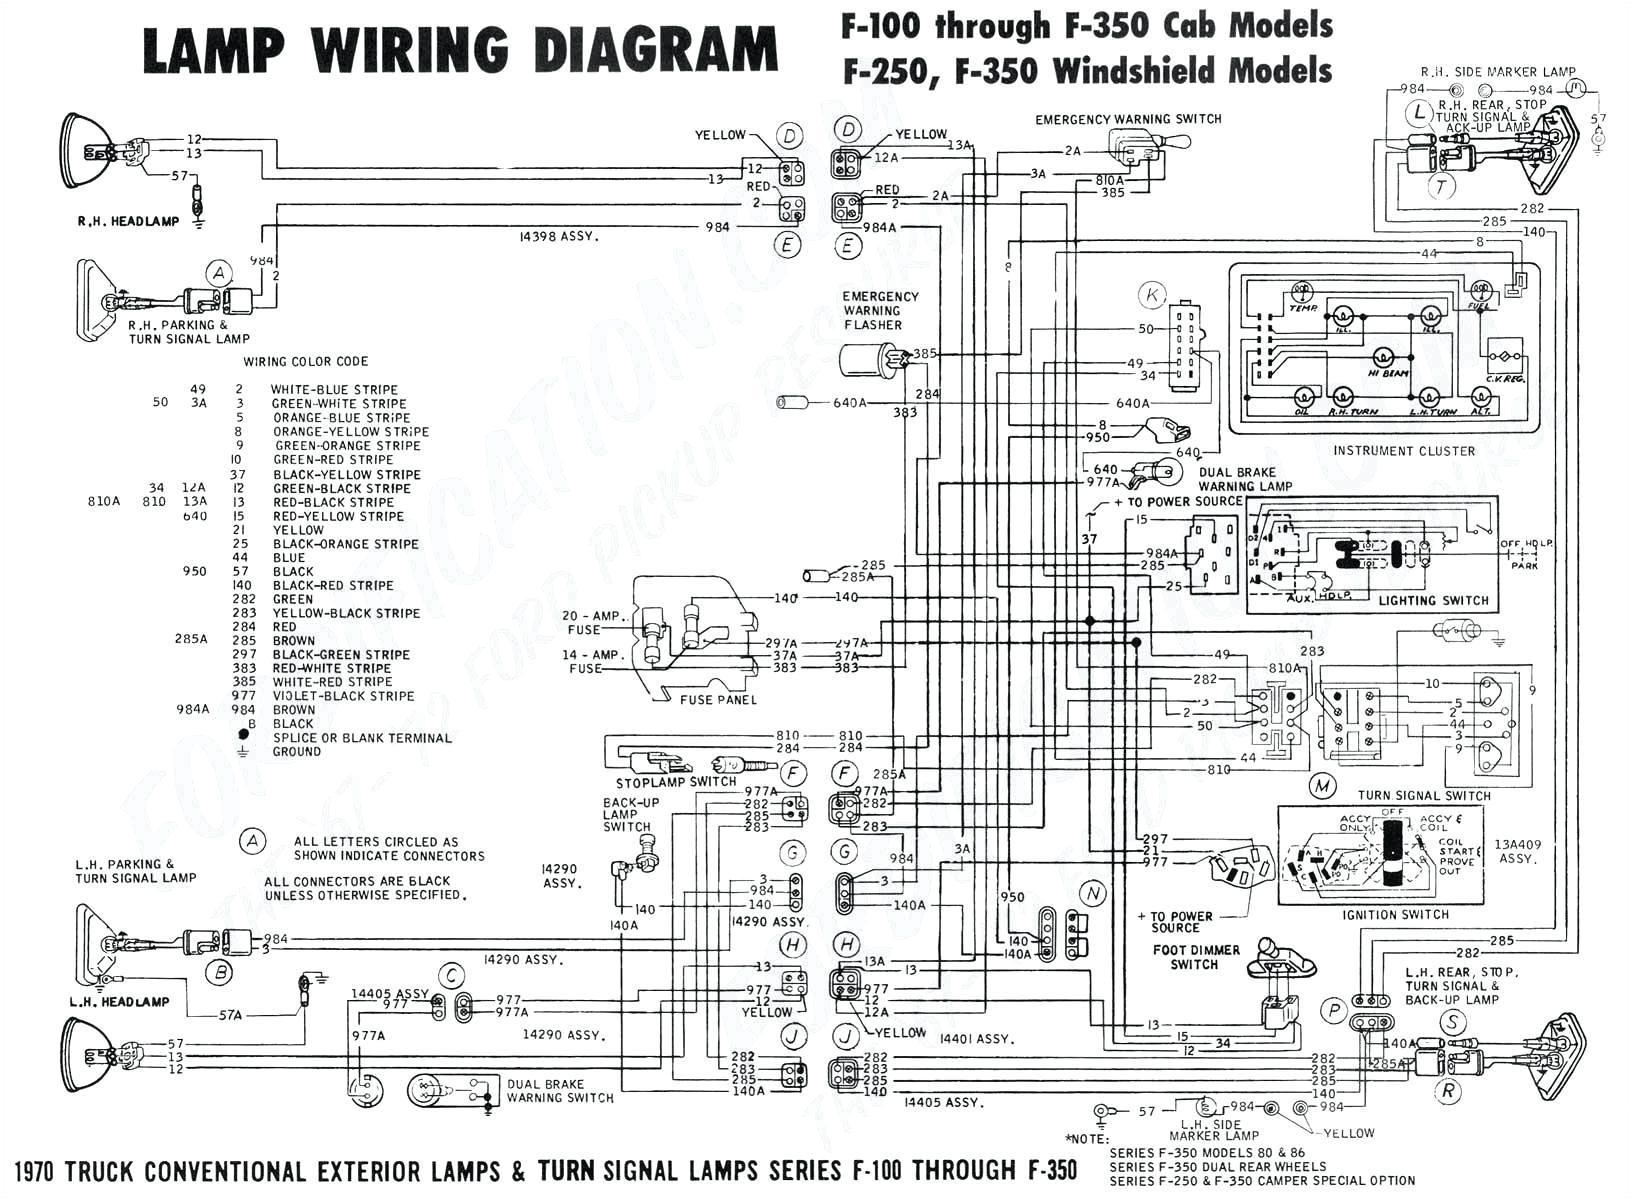 1997 Ski Doo Wiring Diagram Xtreme 550 Wiring Diagram Blog Wiring Diagram